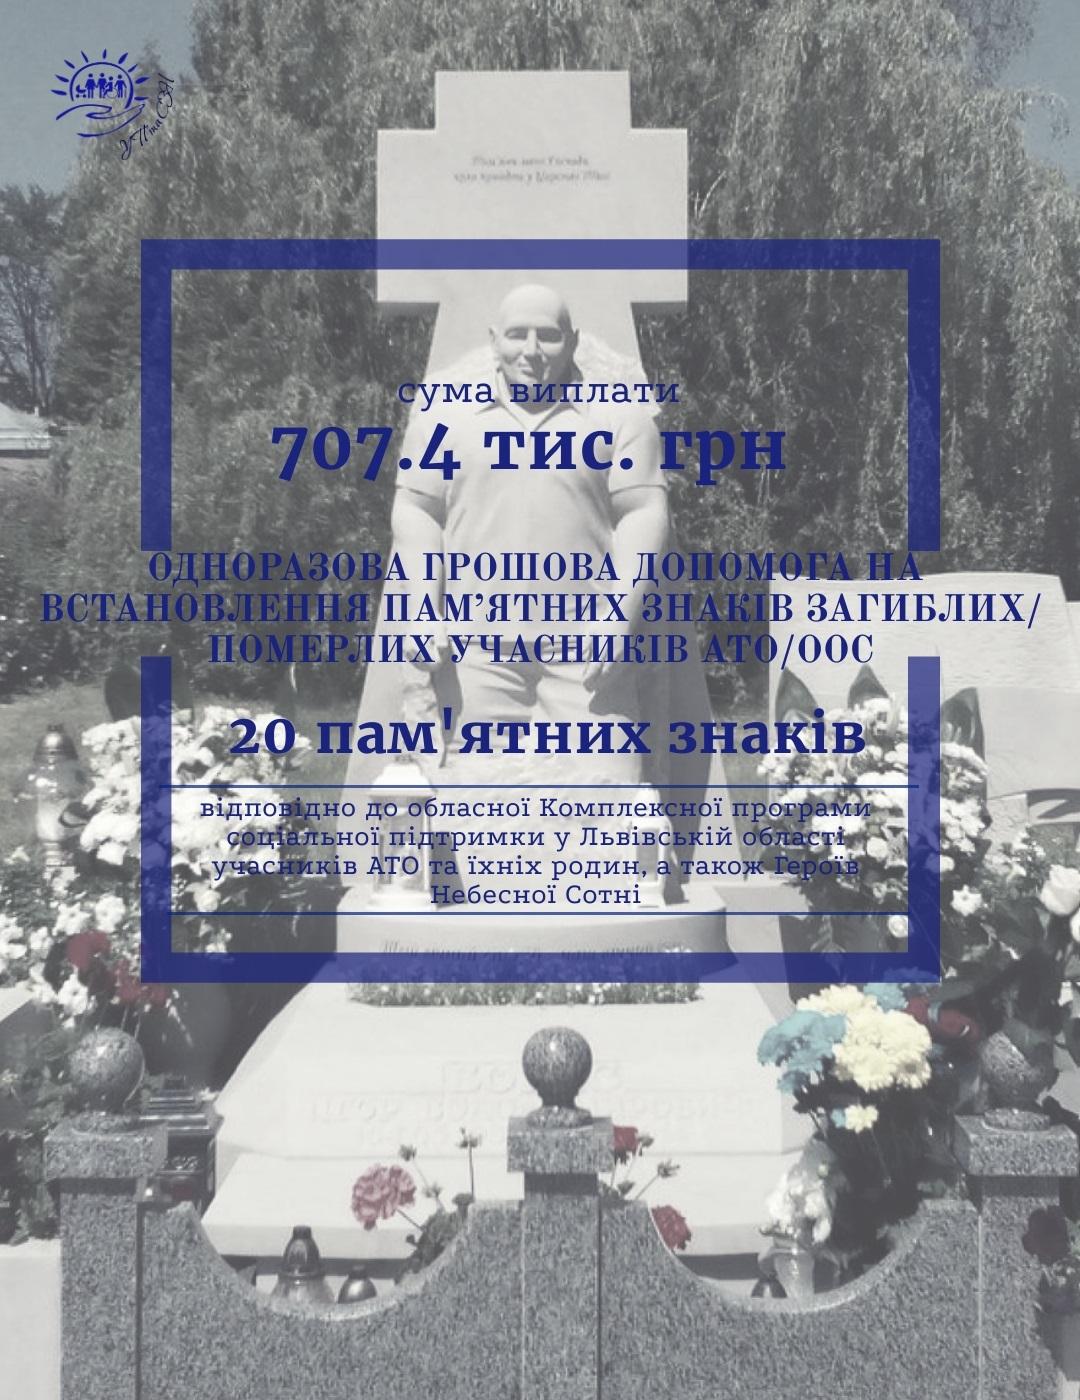 Пам'ятні знаки на могилах учасників АТО/ООС